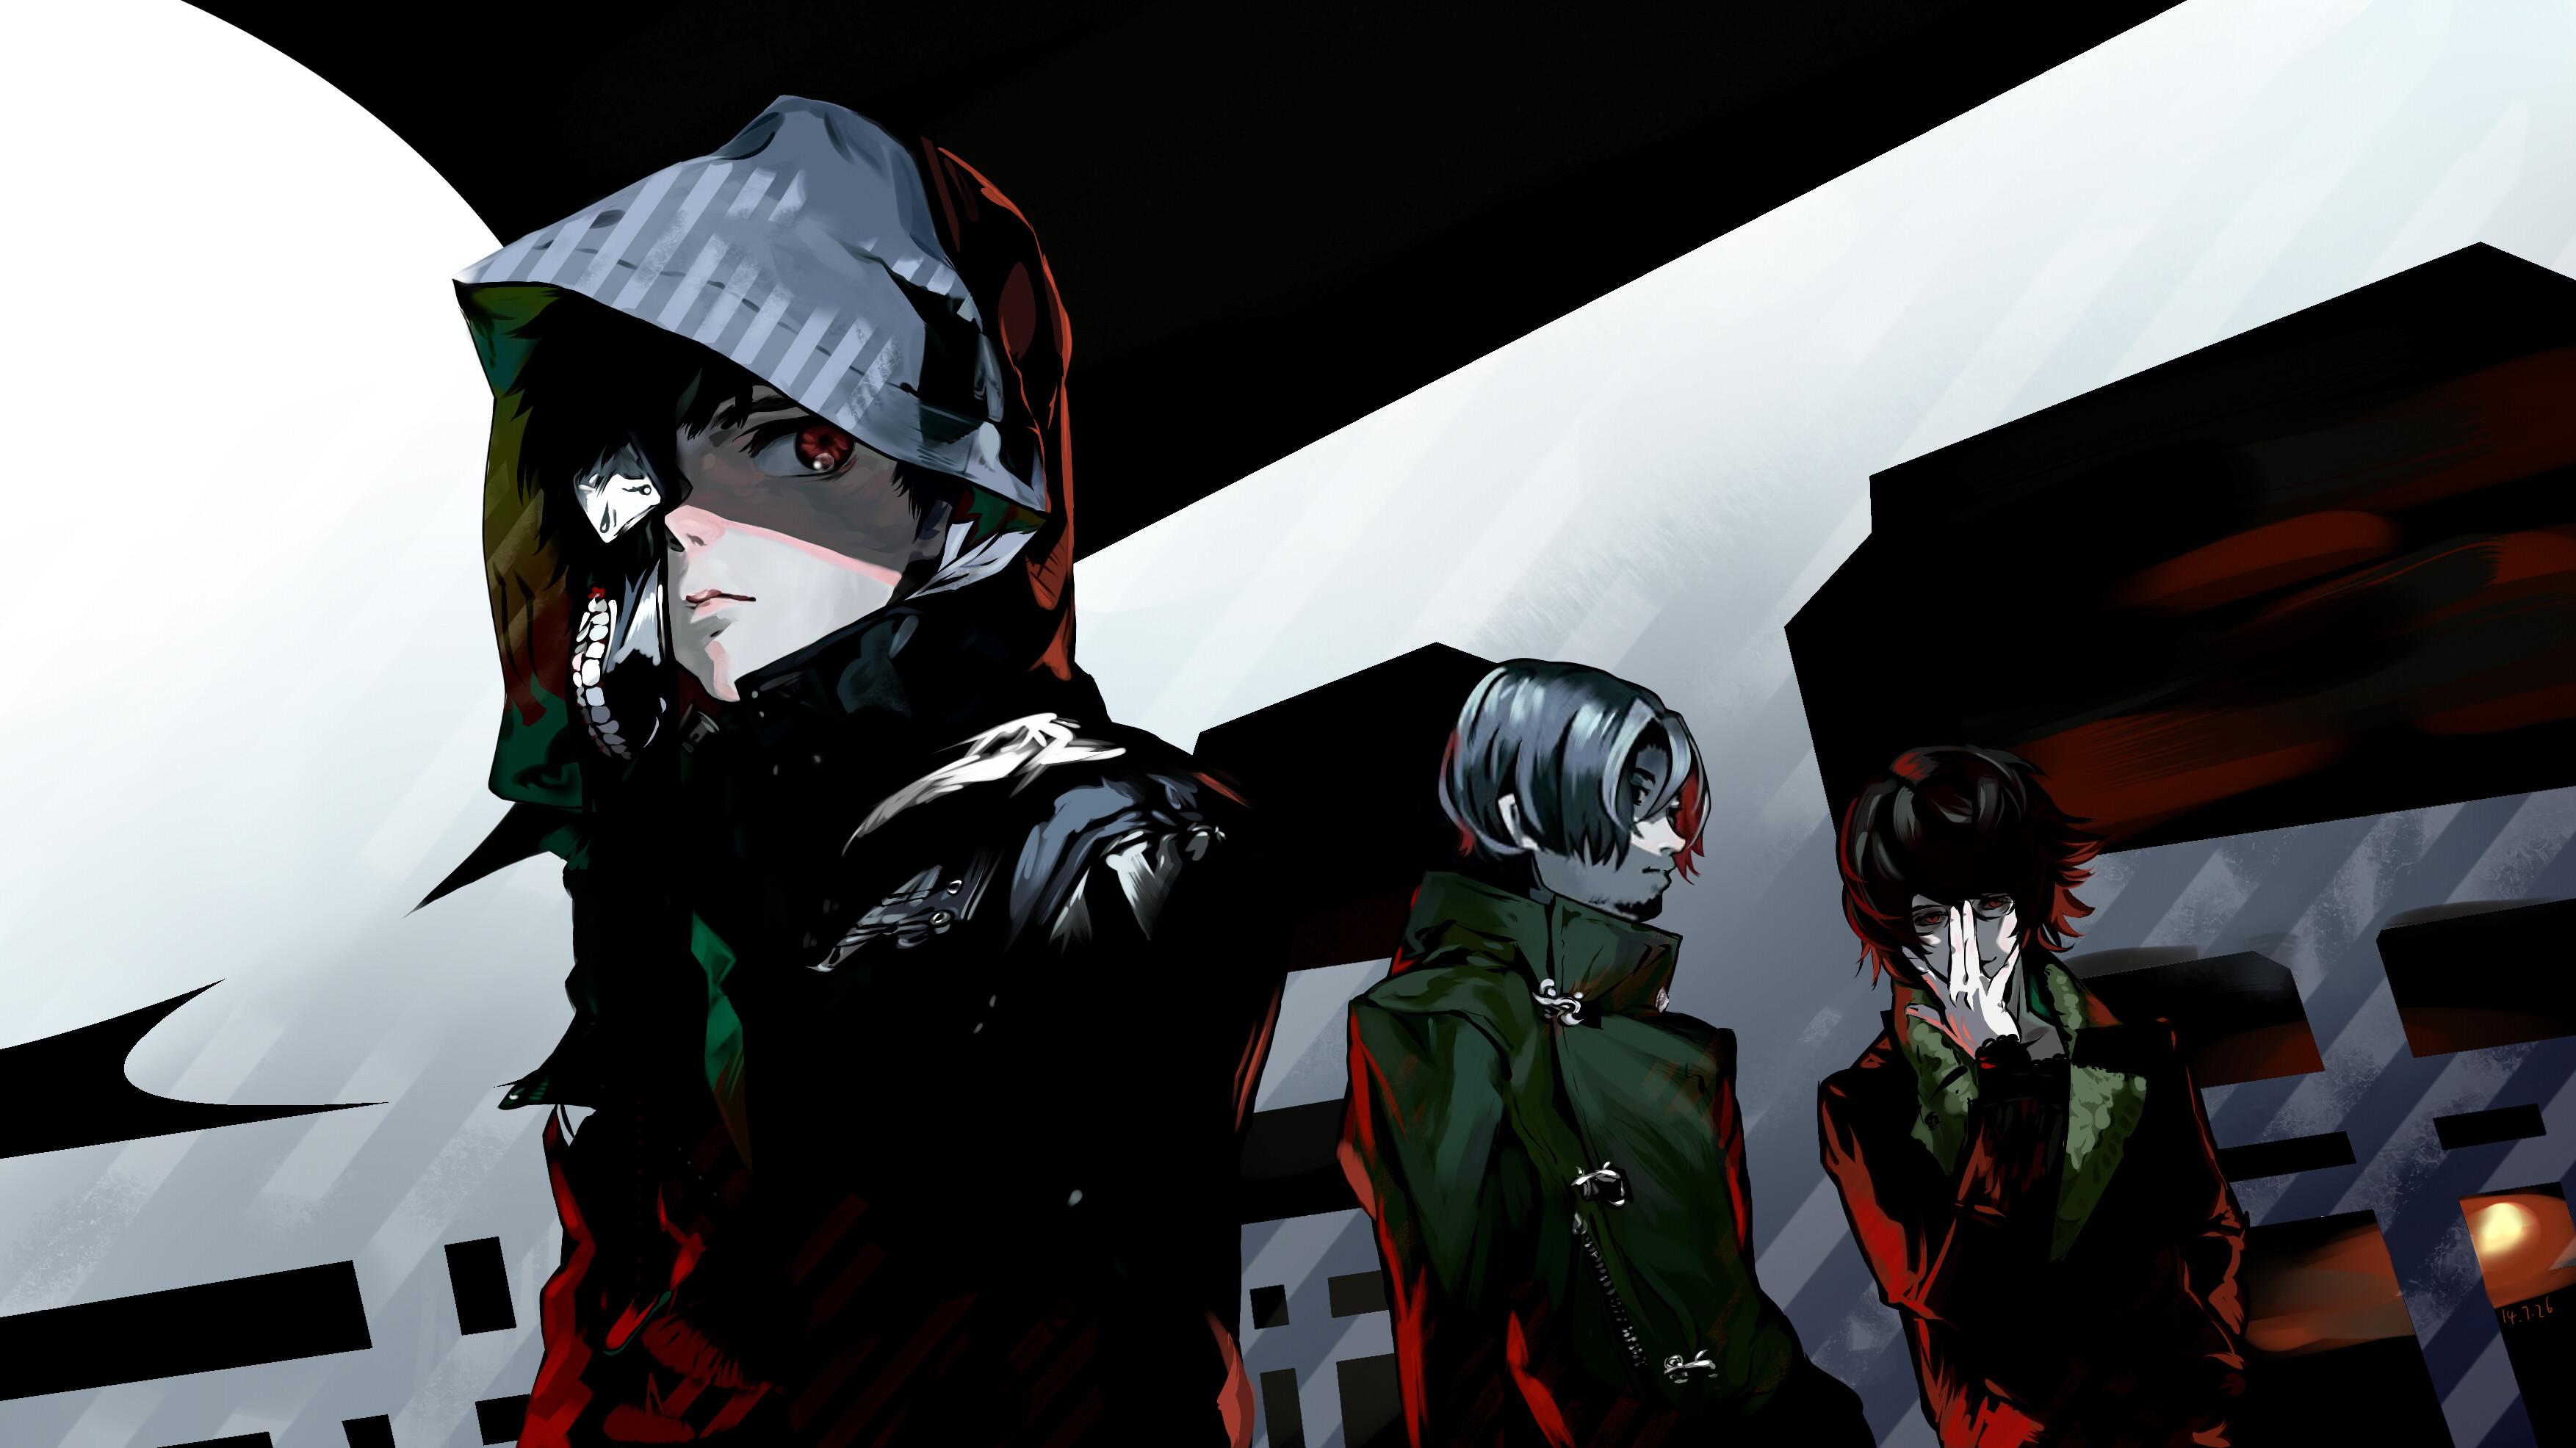 Tokyo Ghoul Kaneki Ken Wallpaper (78+ images)